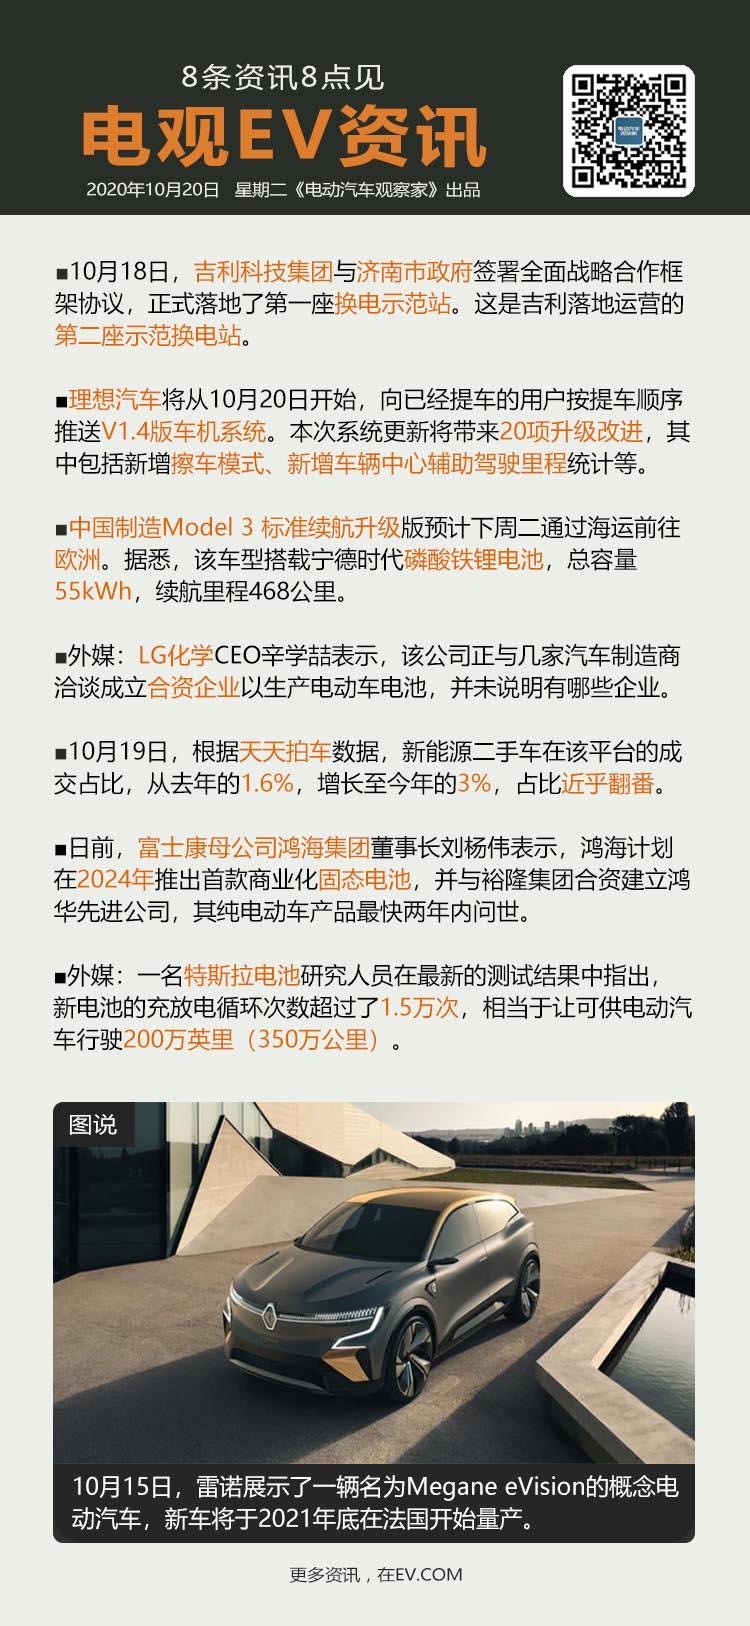 10月20日:吉利智能换电站落地济南、理想汽车发V1.4版车机、搭载磷酸铁锂Mo...